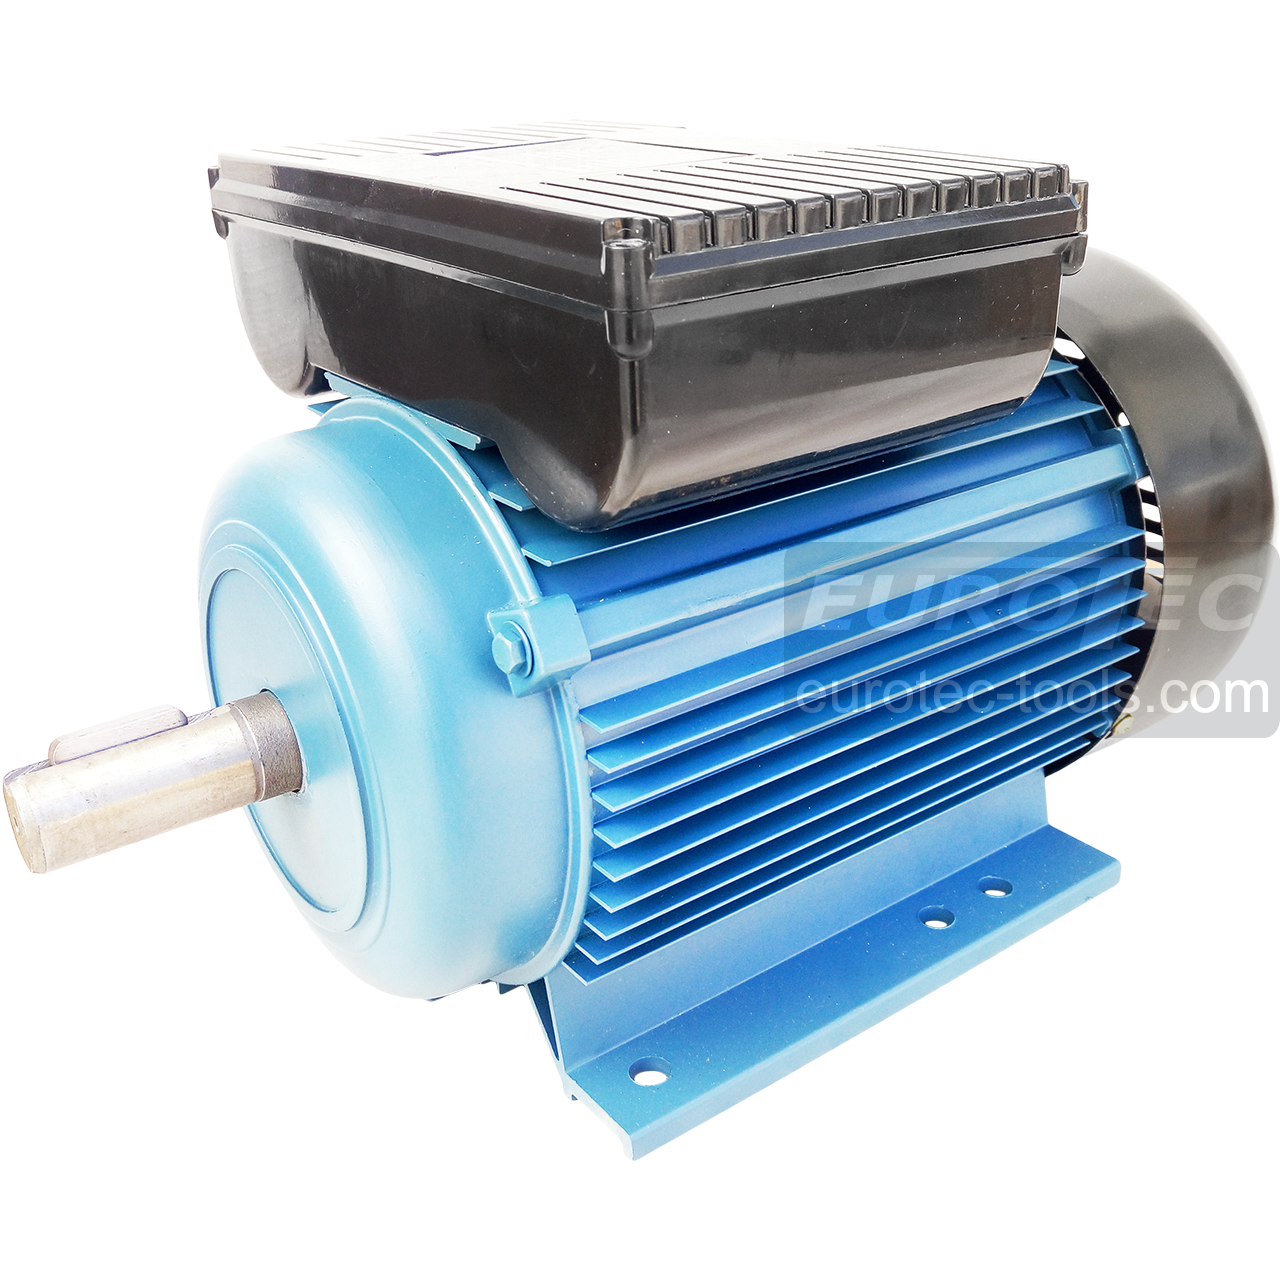 Асинхронный электродвигатель 1400 об. 2.2 кВт 220В Eurotec AT123 однофазный двигатель переменного тока 1500 об